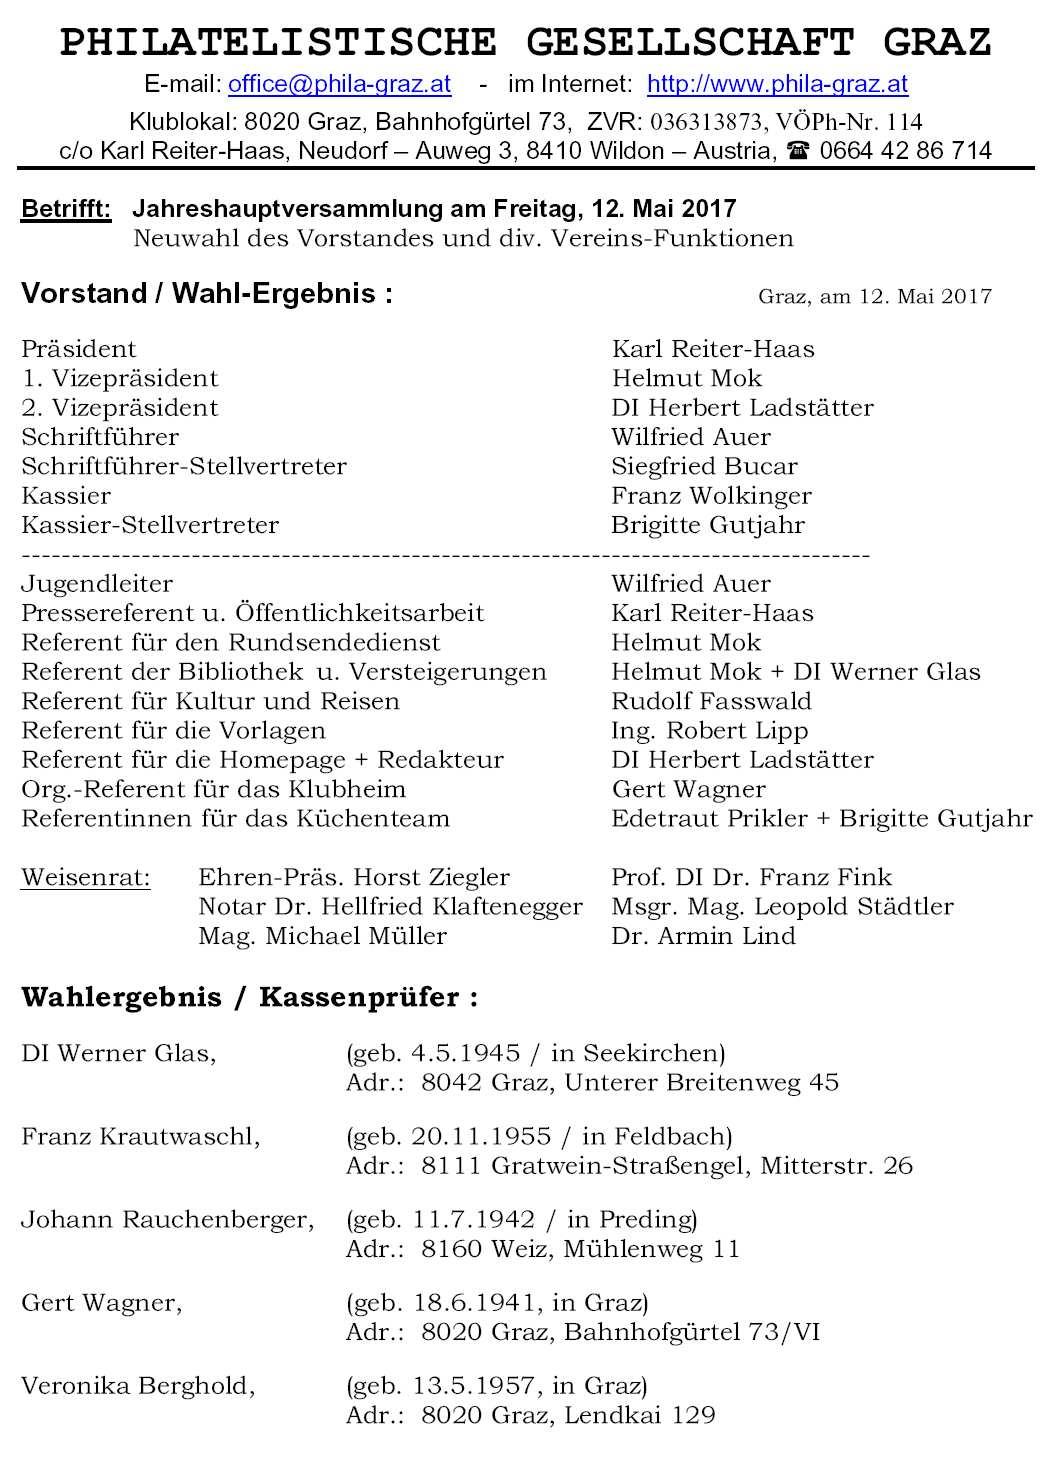 V-Wahl-Erg_12.05.17